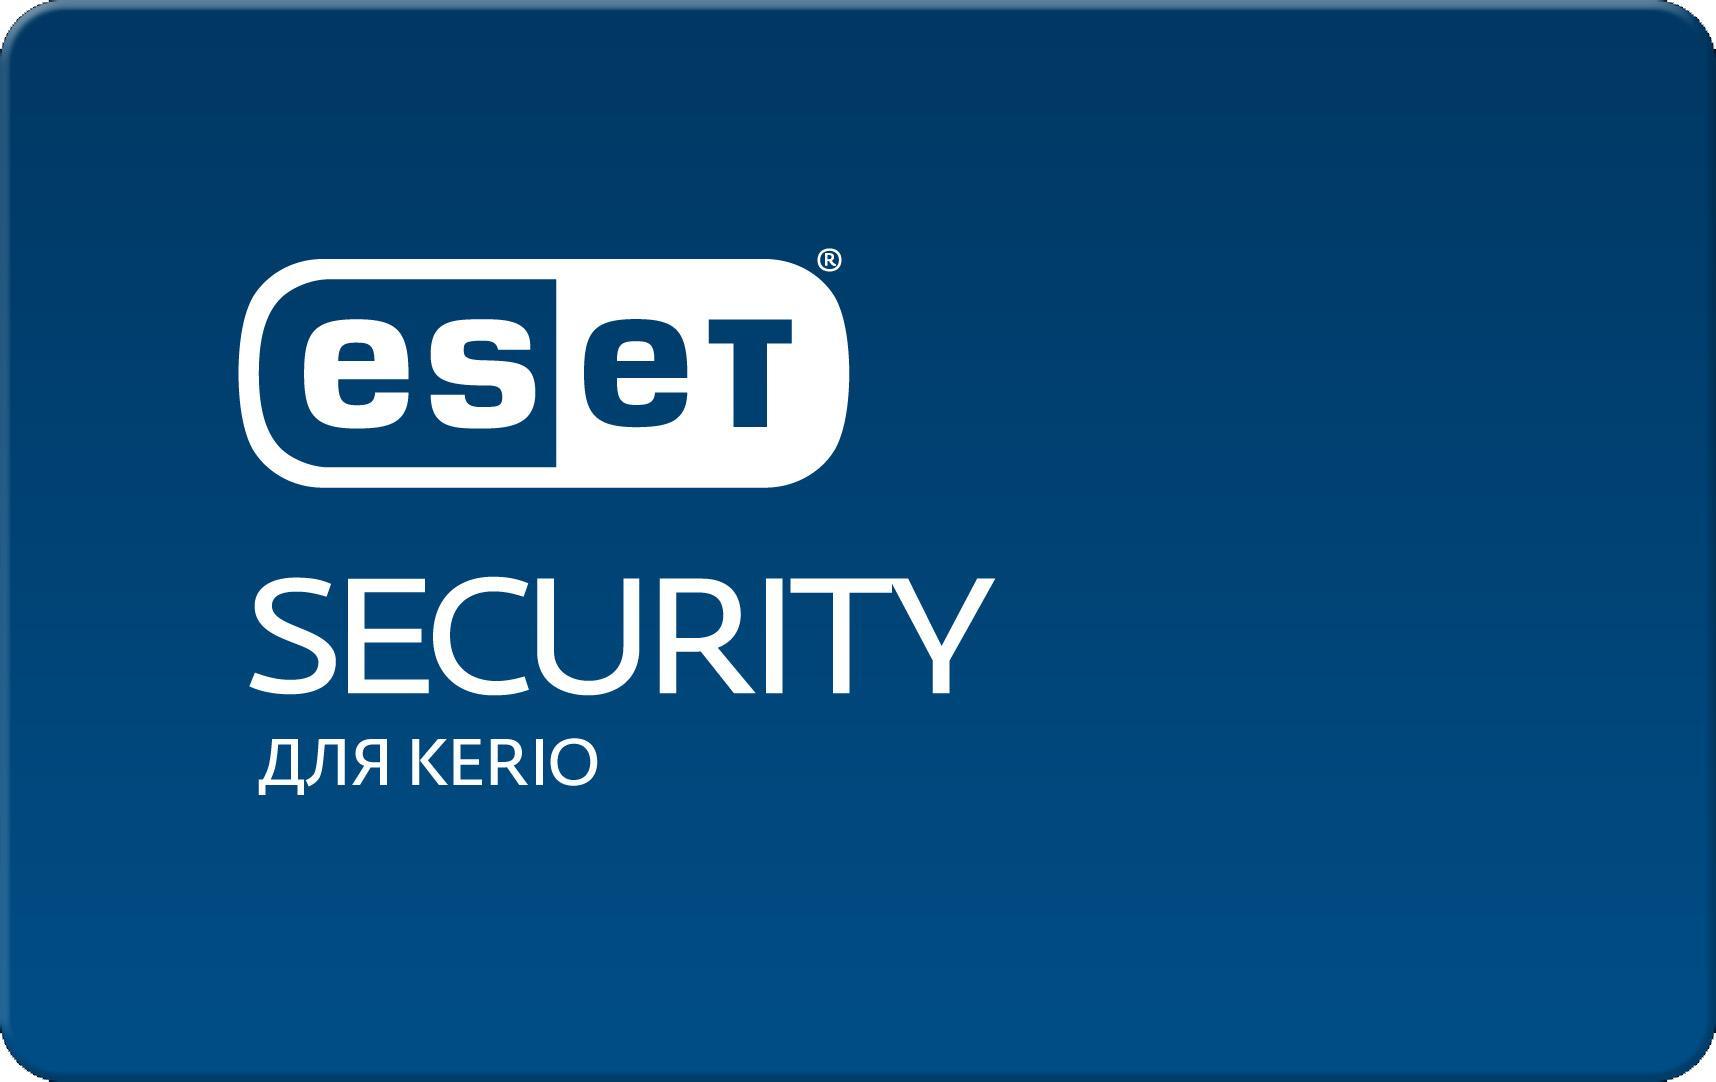 Защита почтовых серверов и интернет-шлюзов Eset Security для Kerio  для 148 пользователей